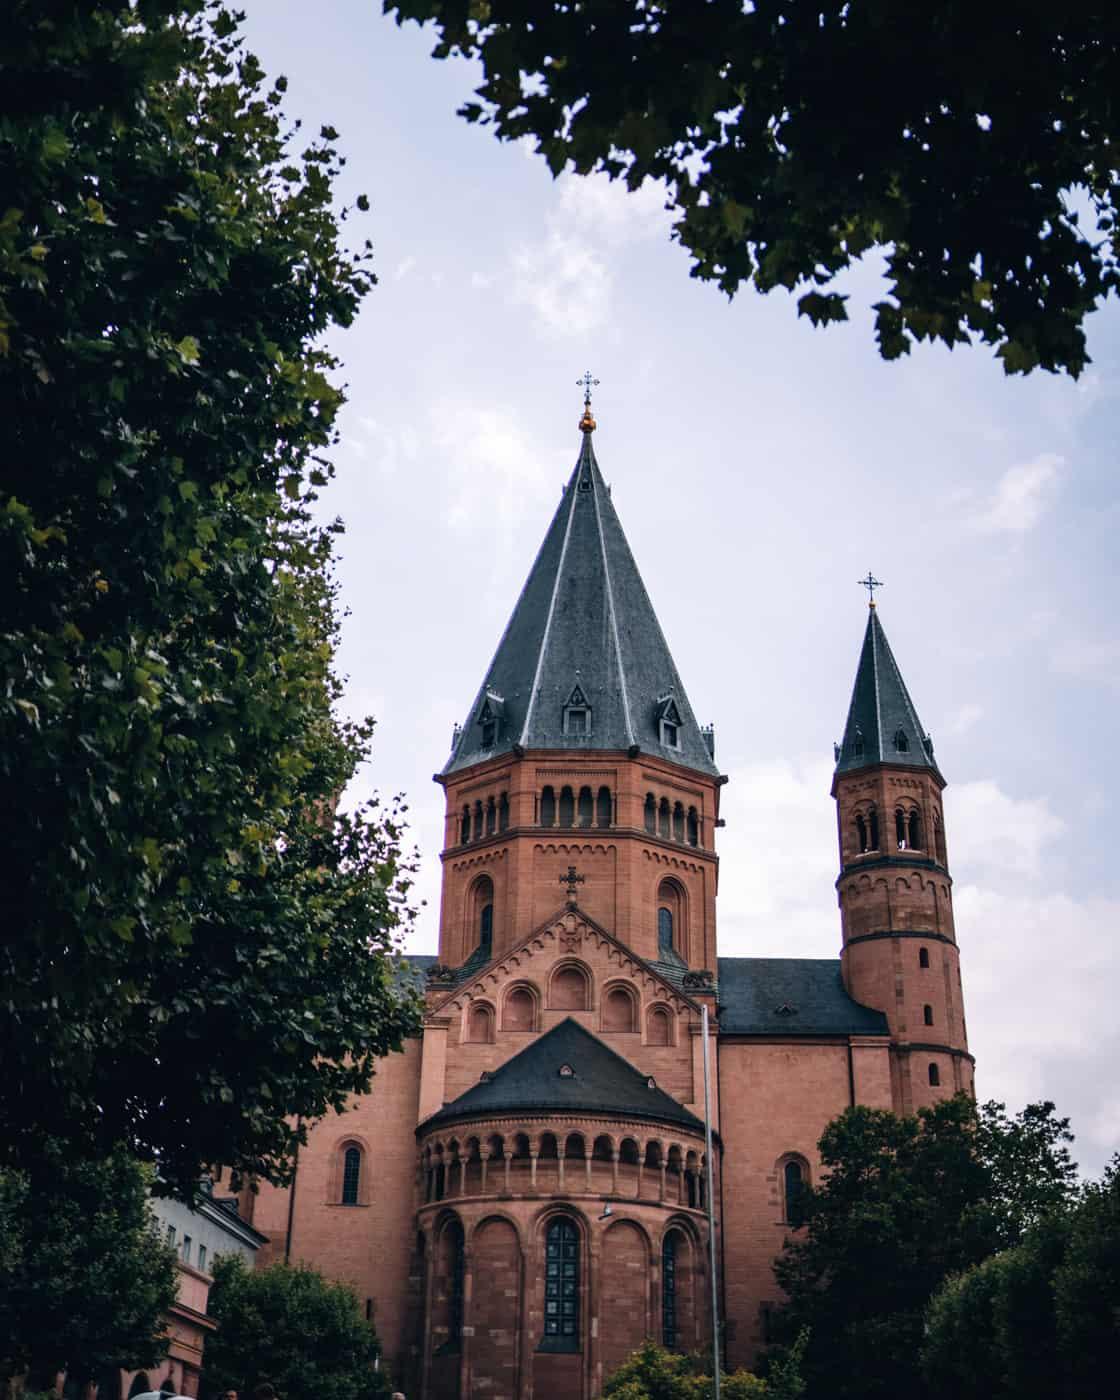 Mainz - Sehenswürdigkeiten, schönste Ecken, Essens- & Insider Tipps: Mainzer Dom